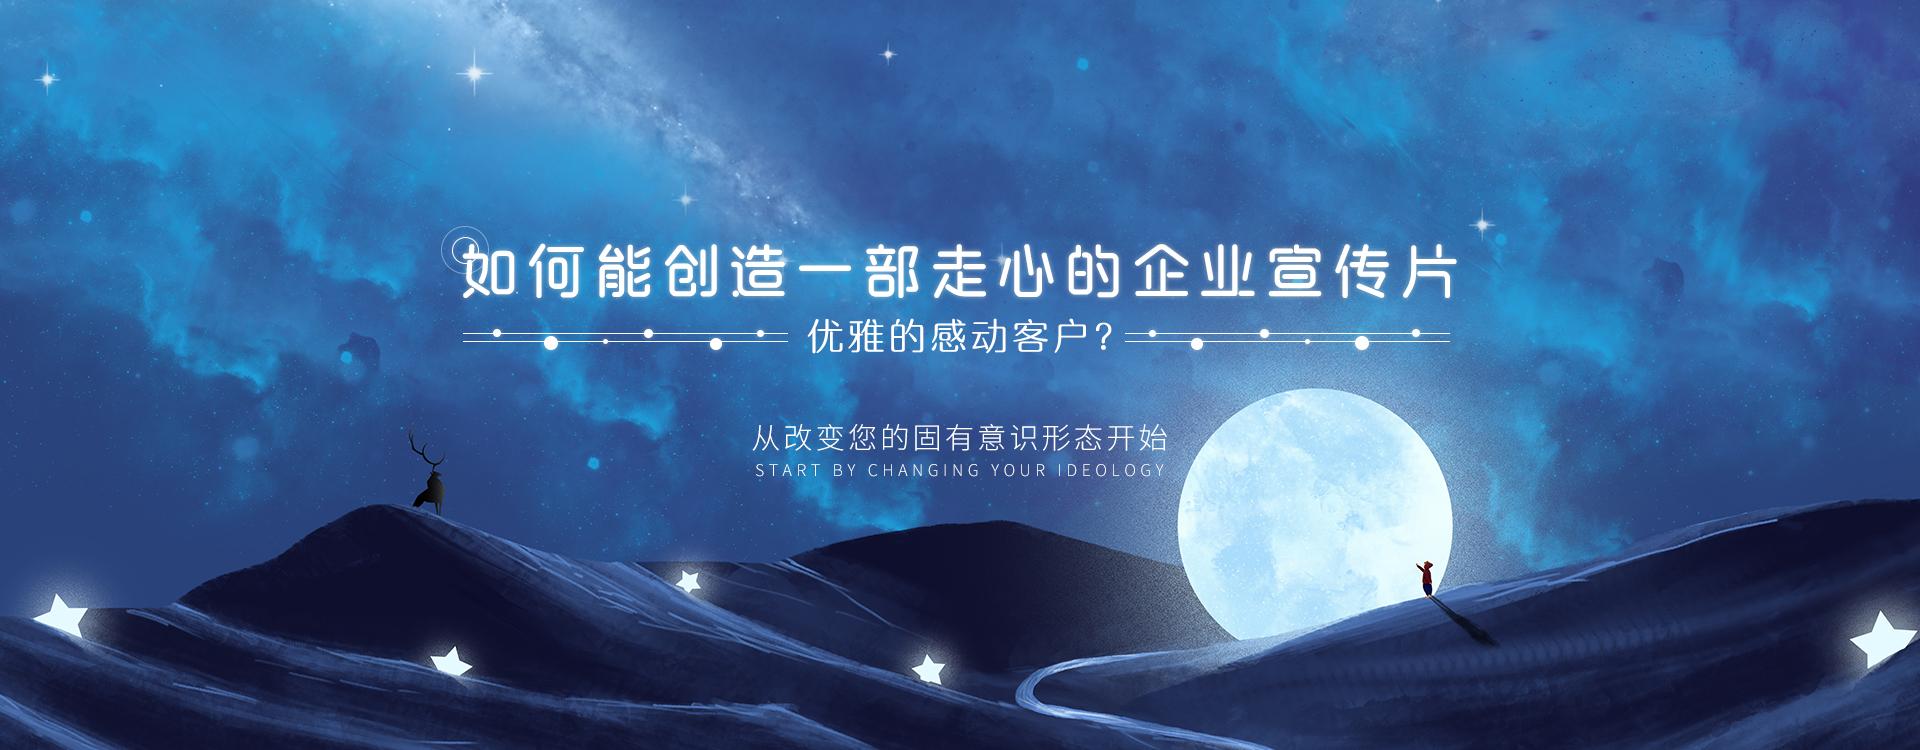 重庆视频制作公司